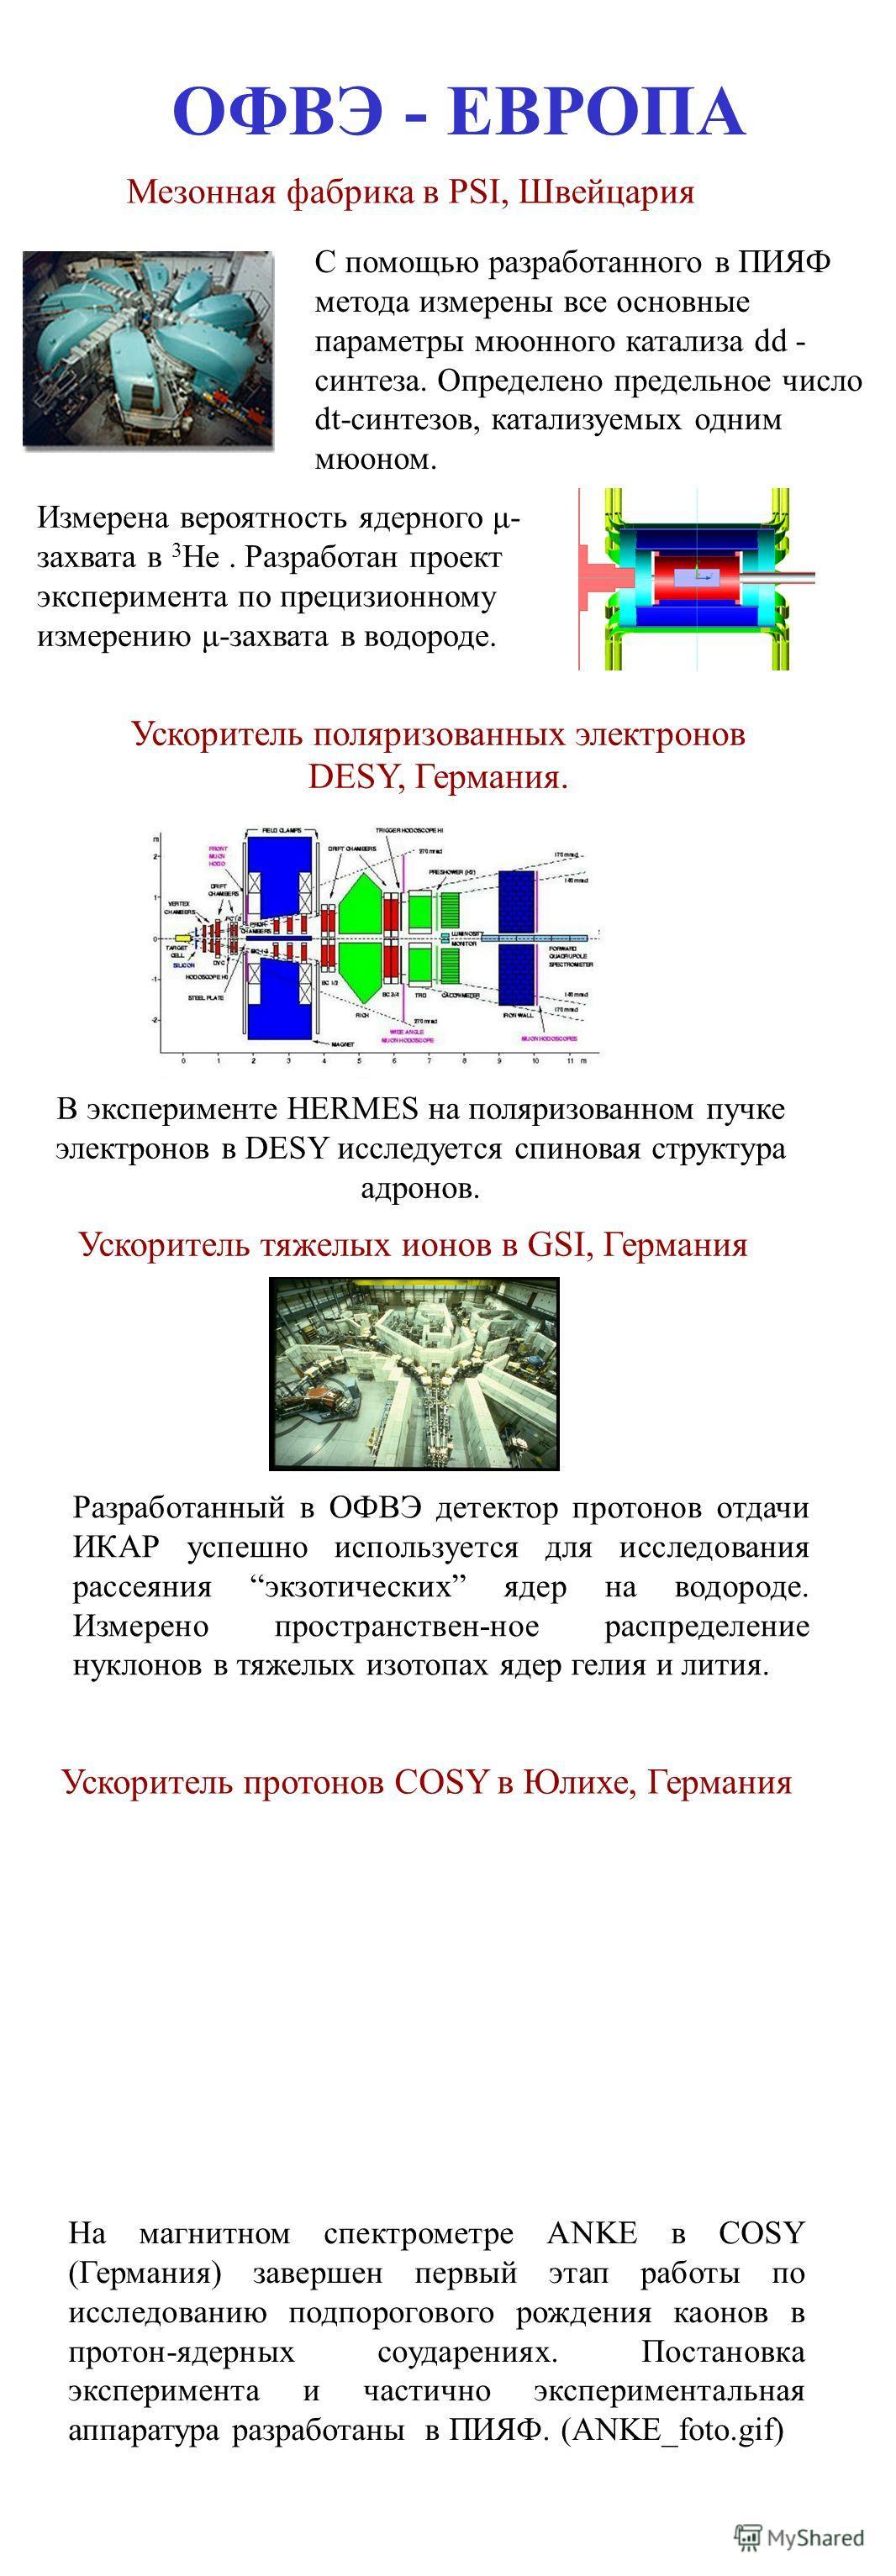 ОФВЭ - ЕВРОПА Мезонная фабрика в PSI, Швейцария С помощью разработанного в ПИЯФ метода измерены все основные параметры мюонного катализа dd - синтеза. Определено предельное число dt-синтезов, катализуемых одним мюоном. Измерена вероятность ядерного μ